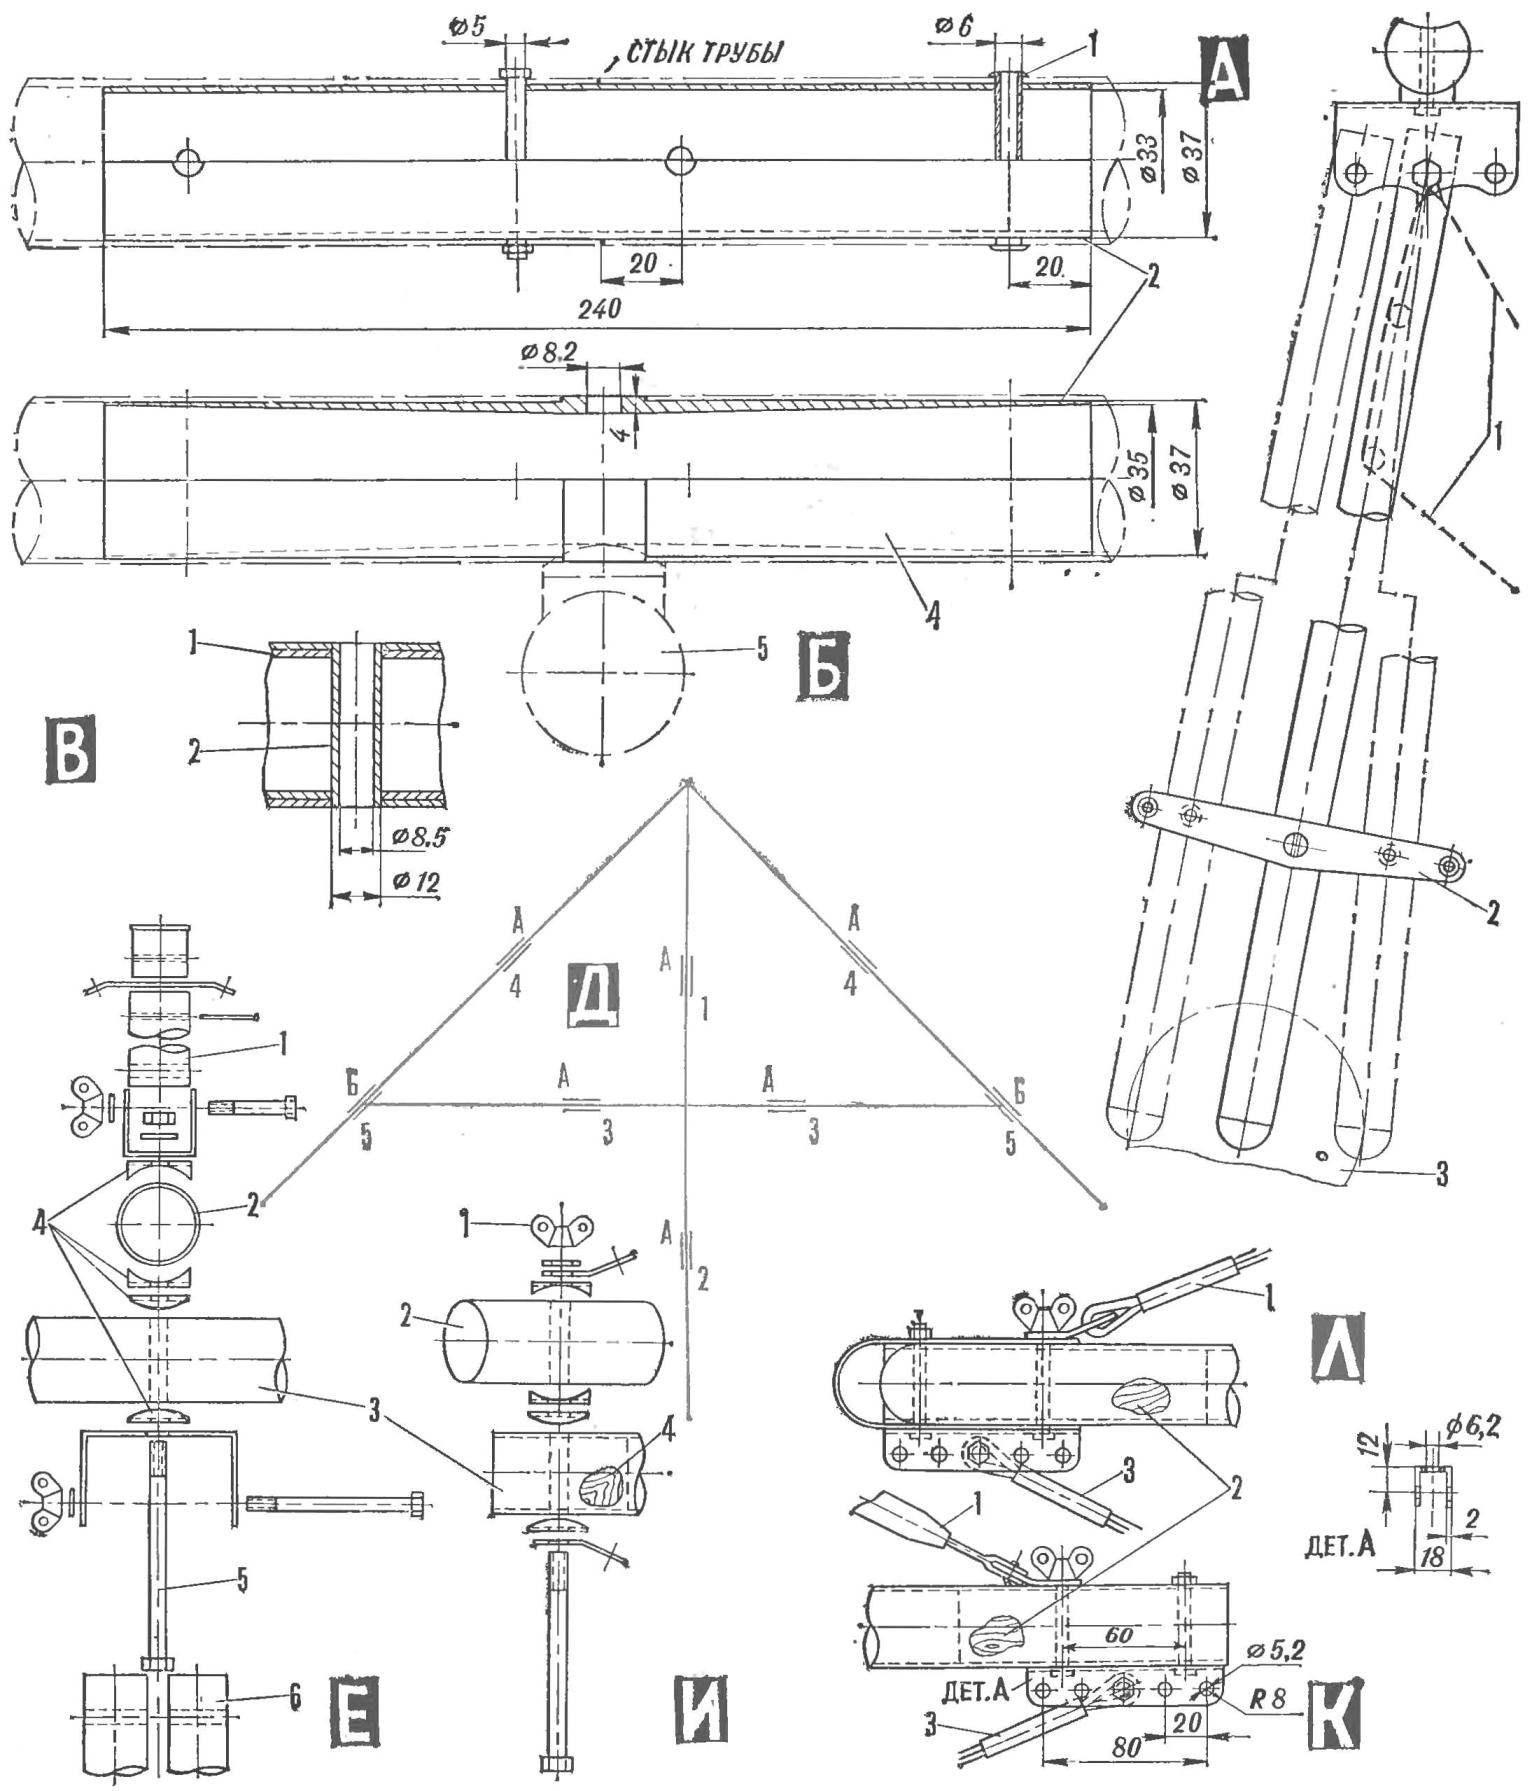 Рис. 2. Конструкция деталей и узлов дельтаплана